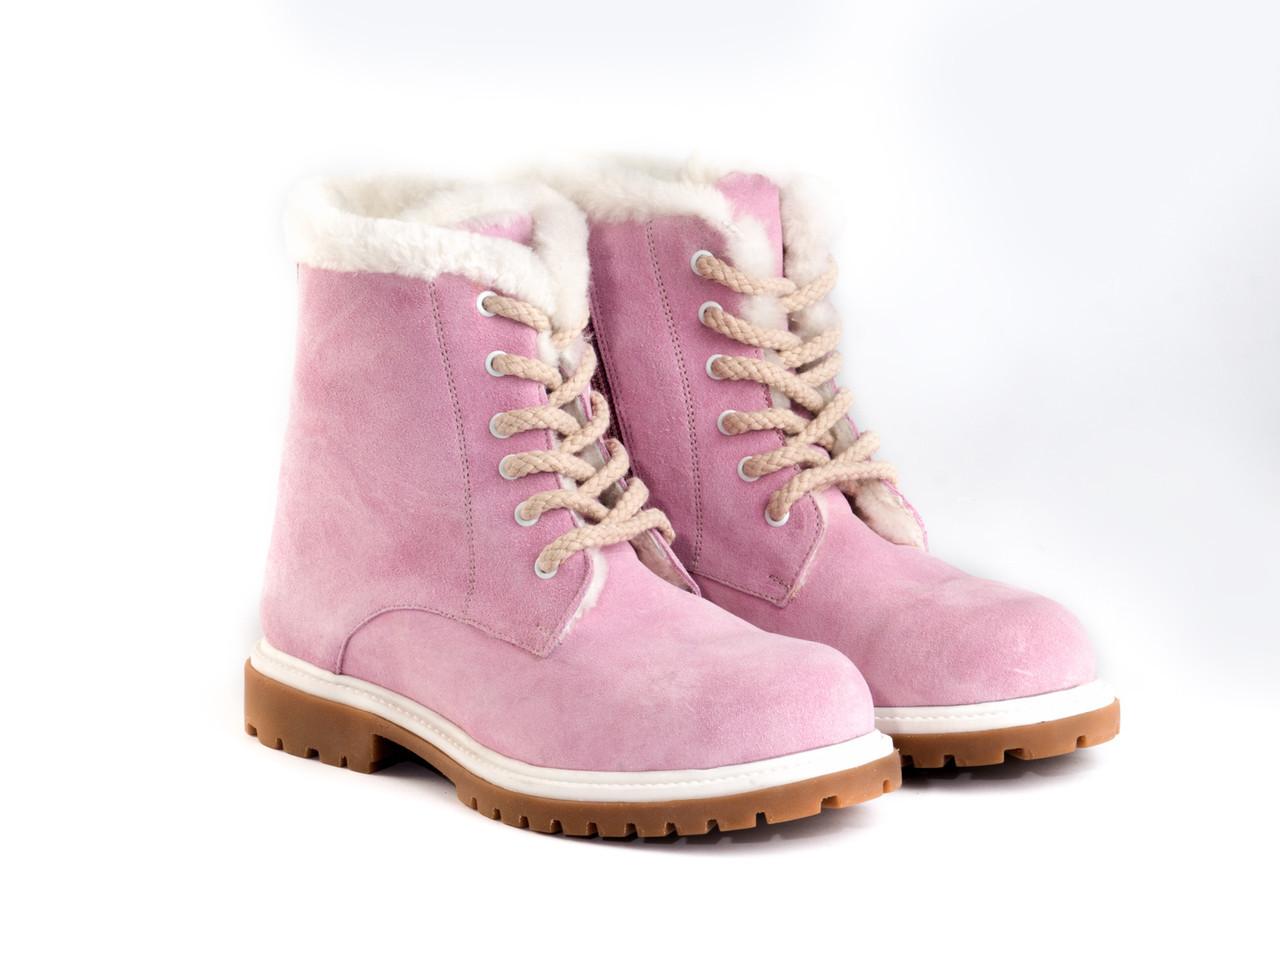 Ботинки Etor 6484-2298-0330 36 розовые